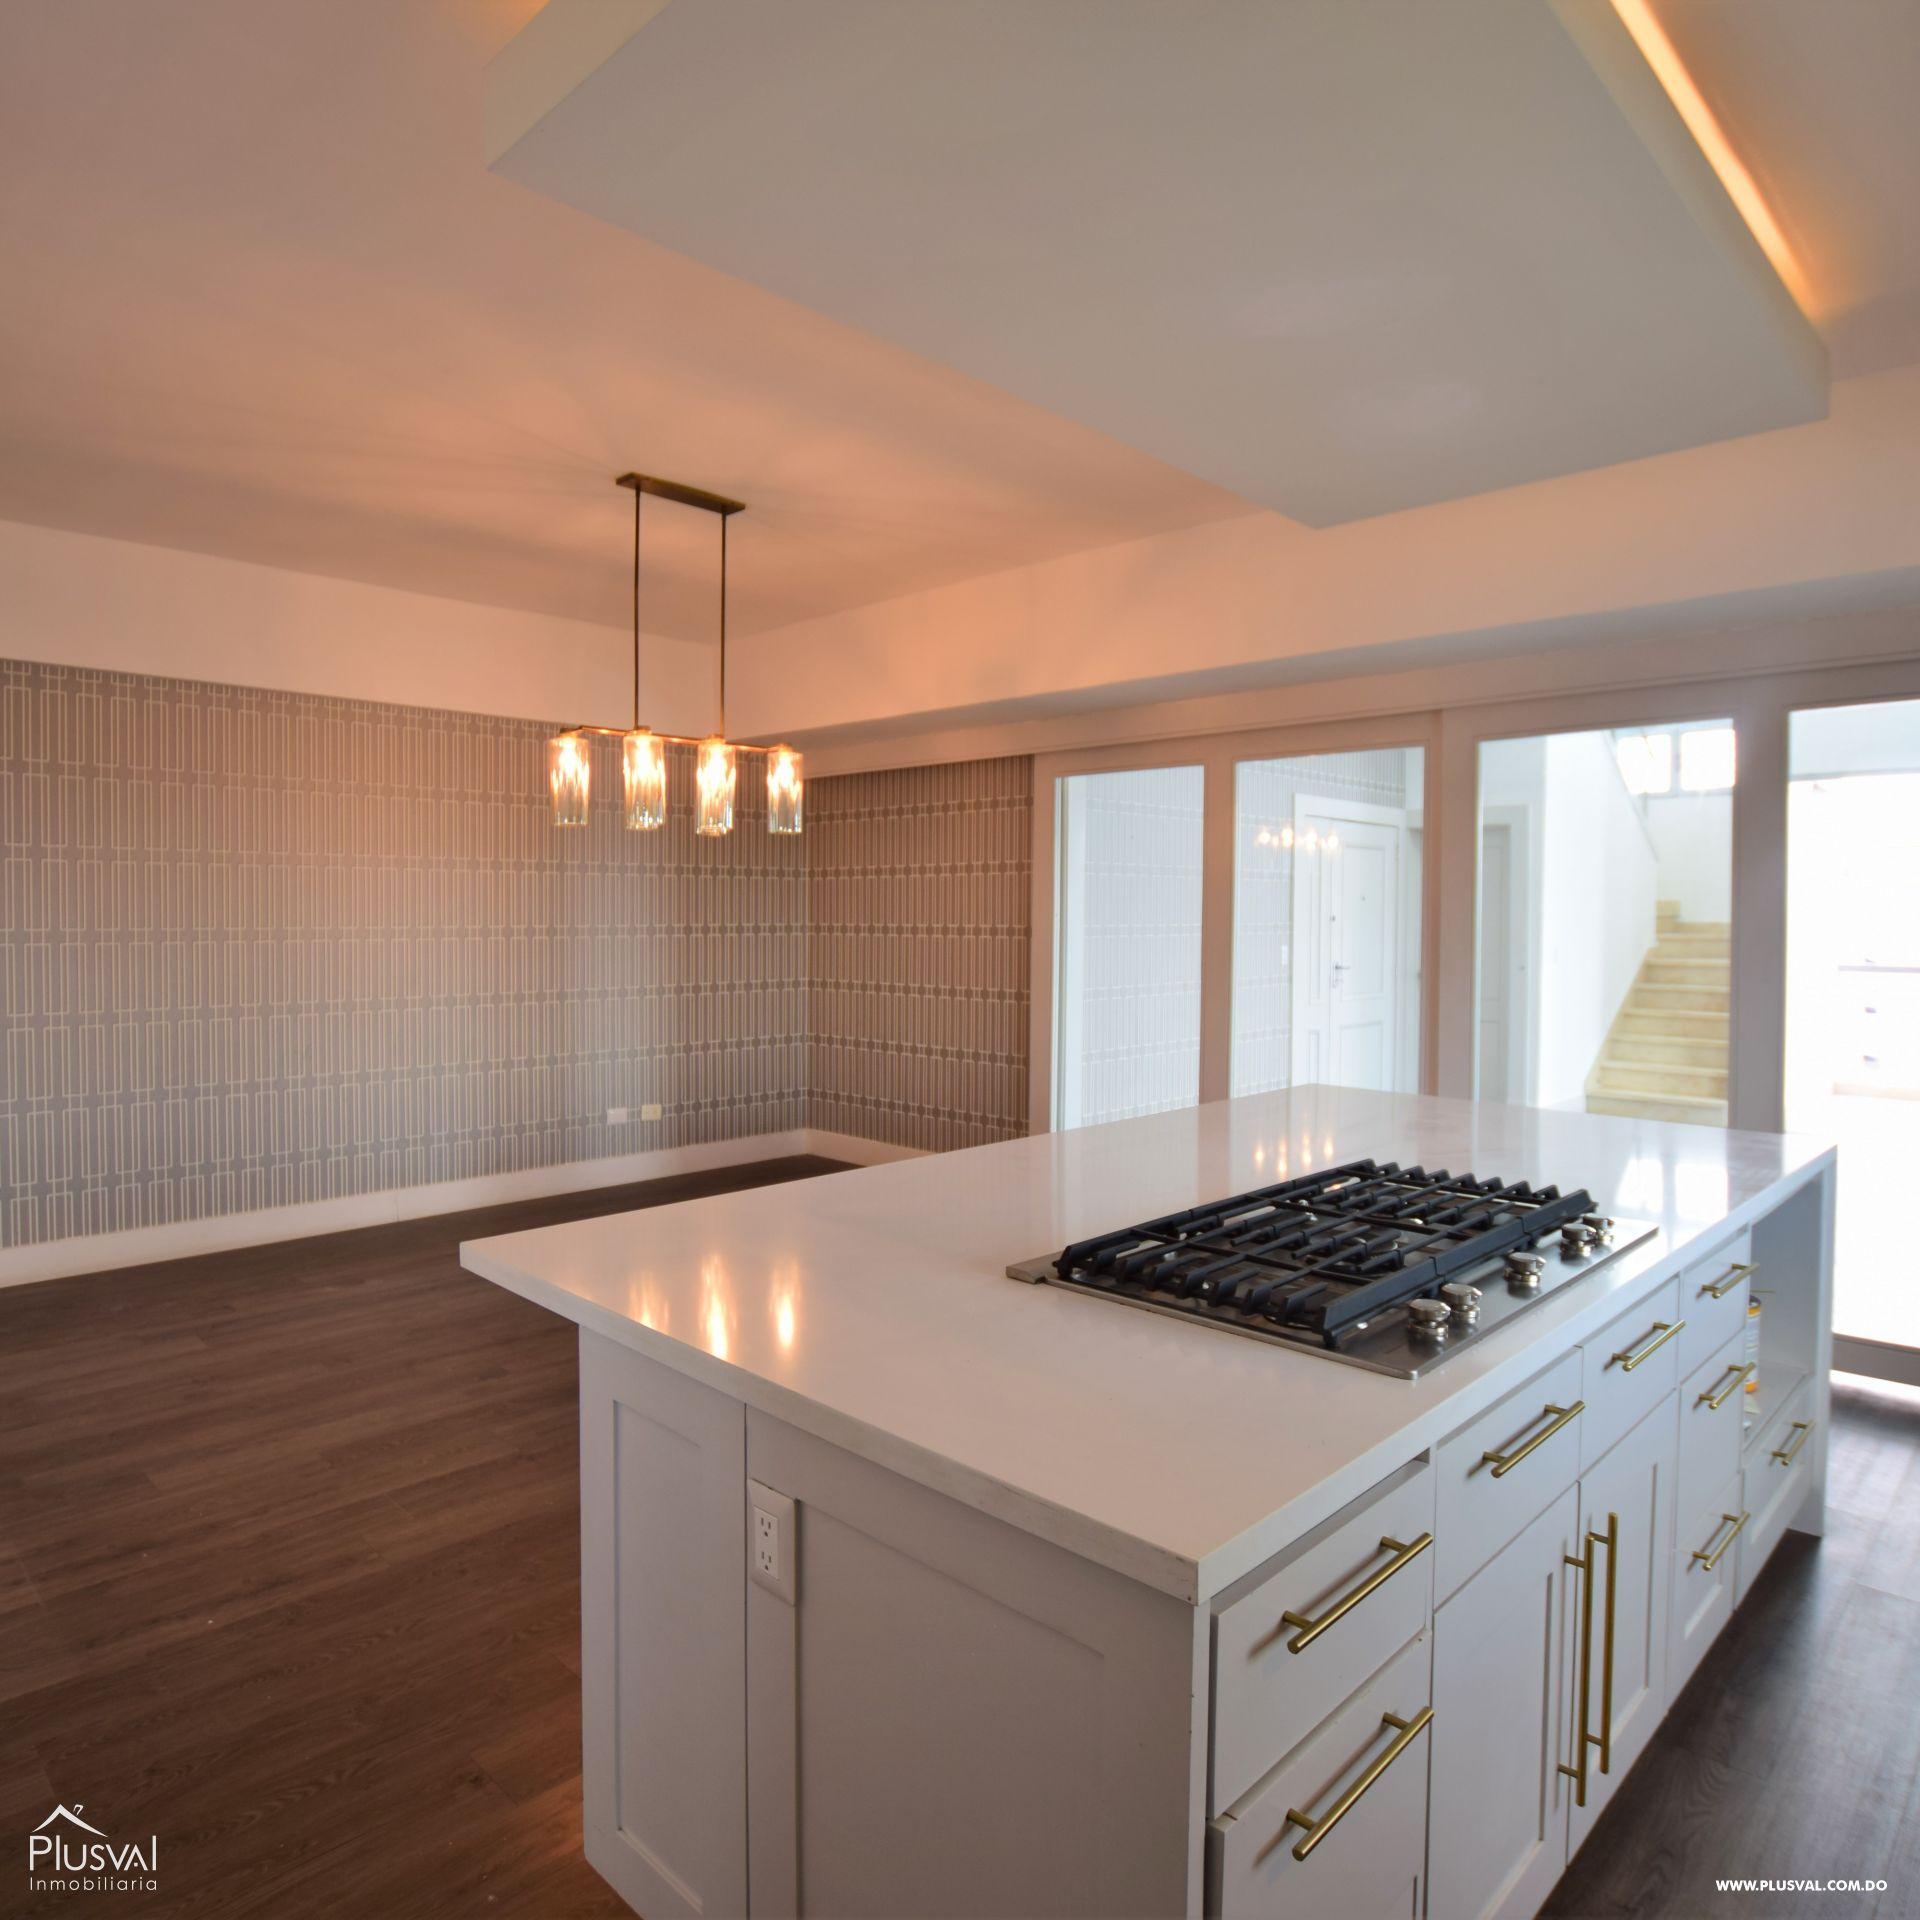 Penthouse en venta, Naco 167603